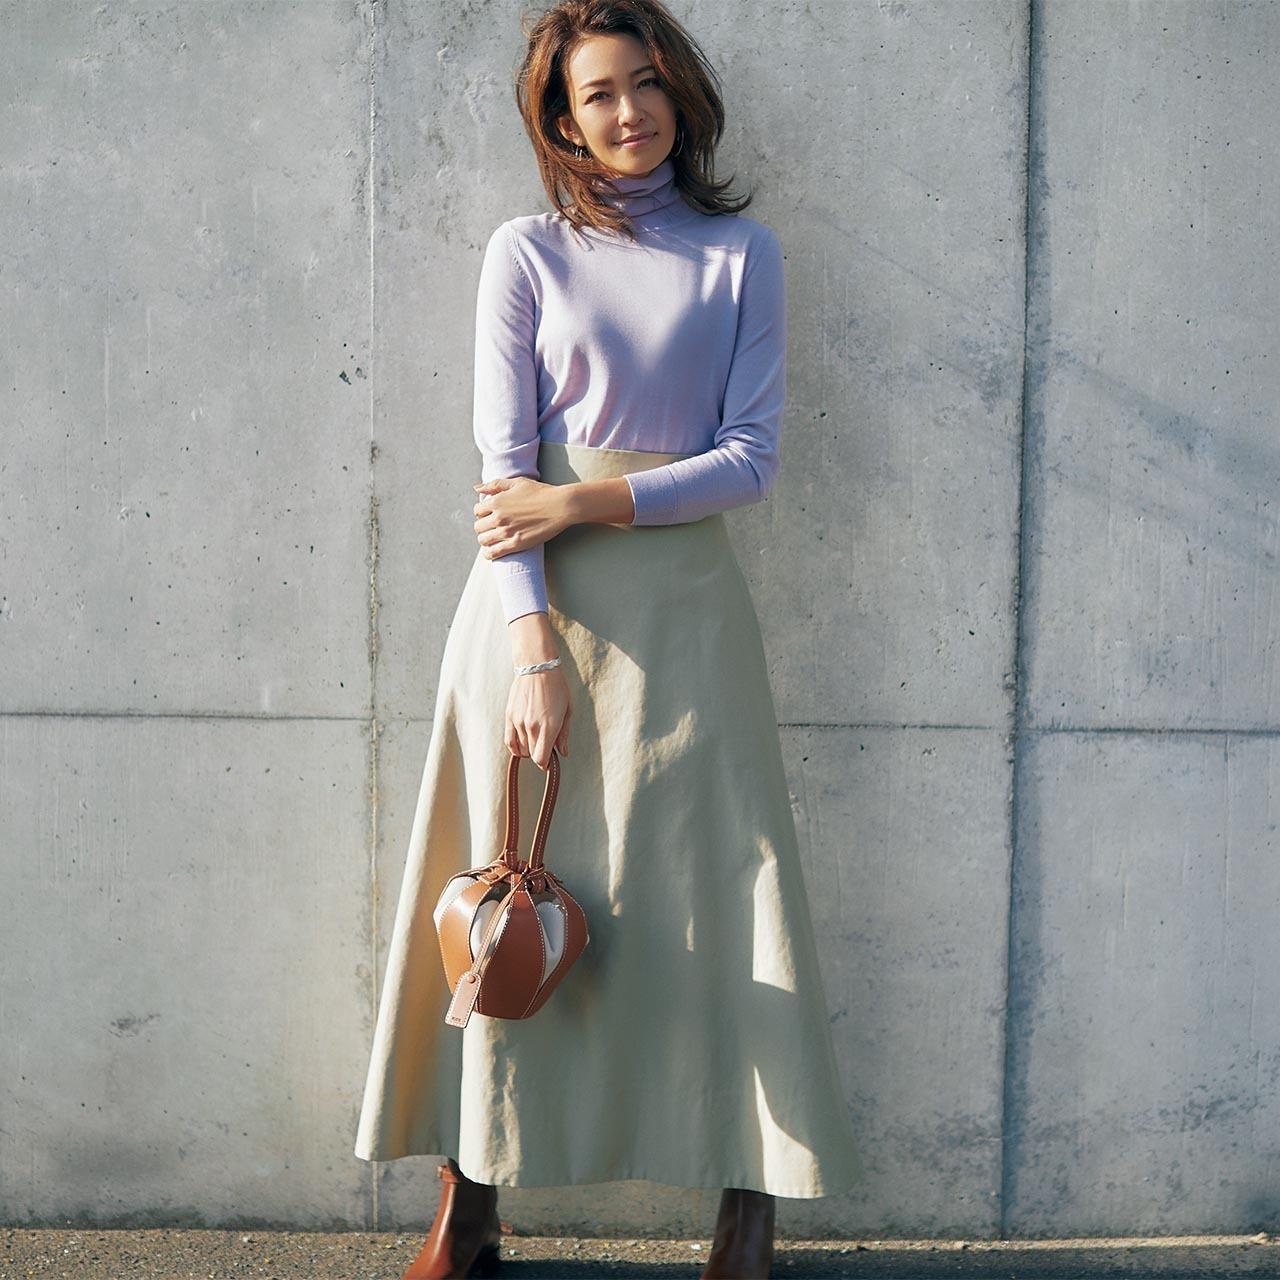 ベージュスカート×ラベンダー色ニットのファッションコーデ